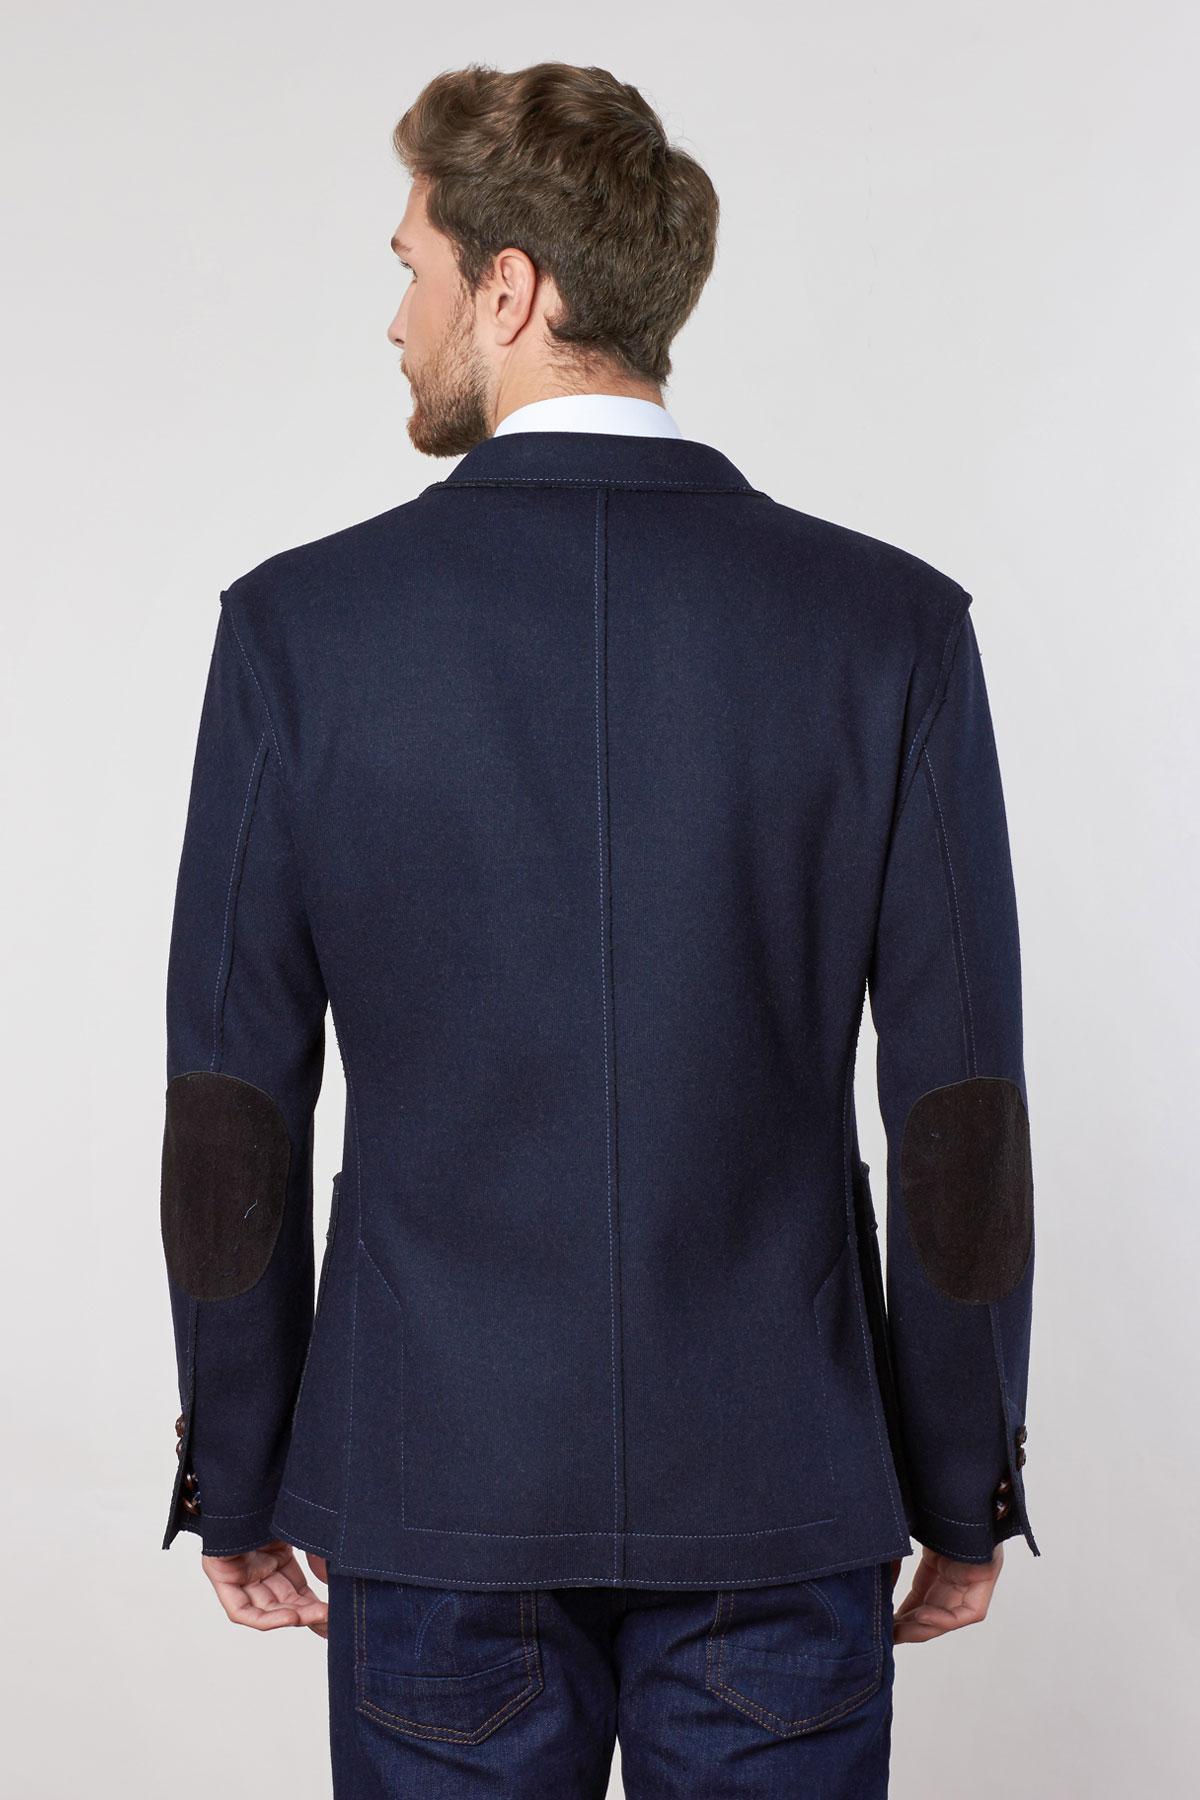 Пиджак темно-синего цвета 1840-19 York